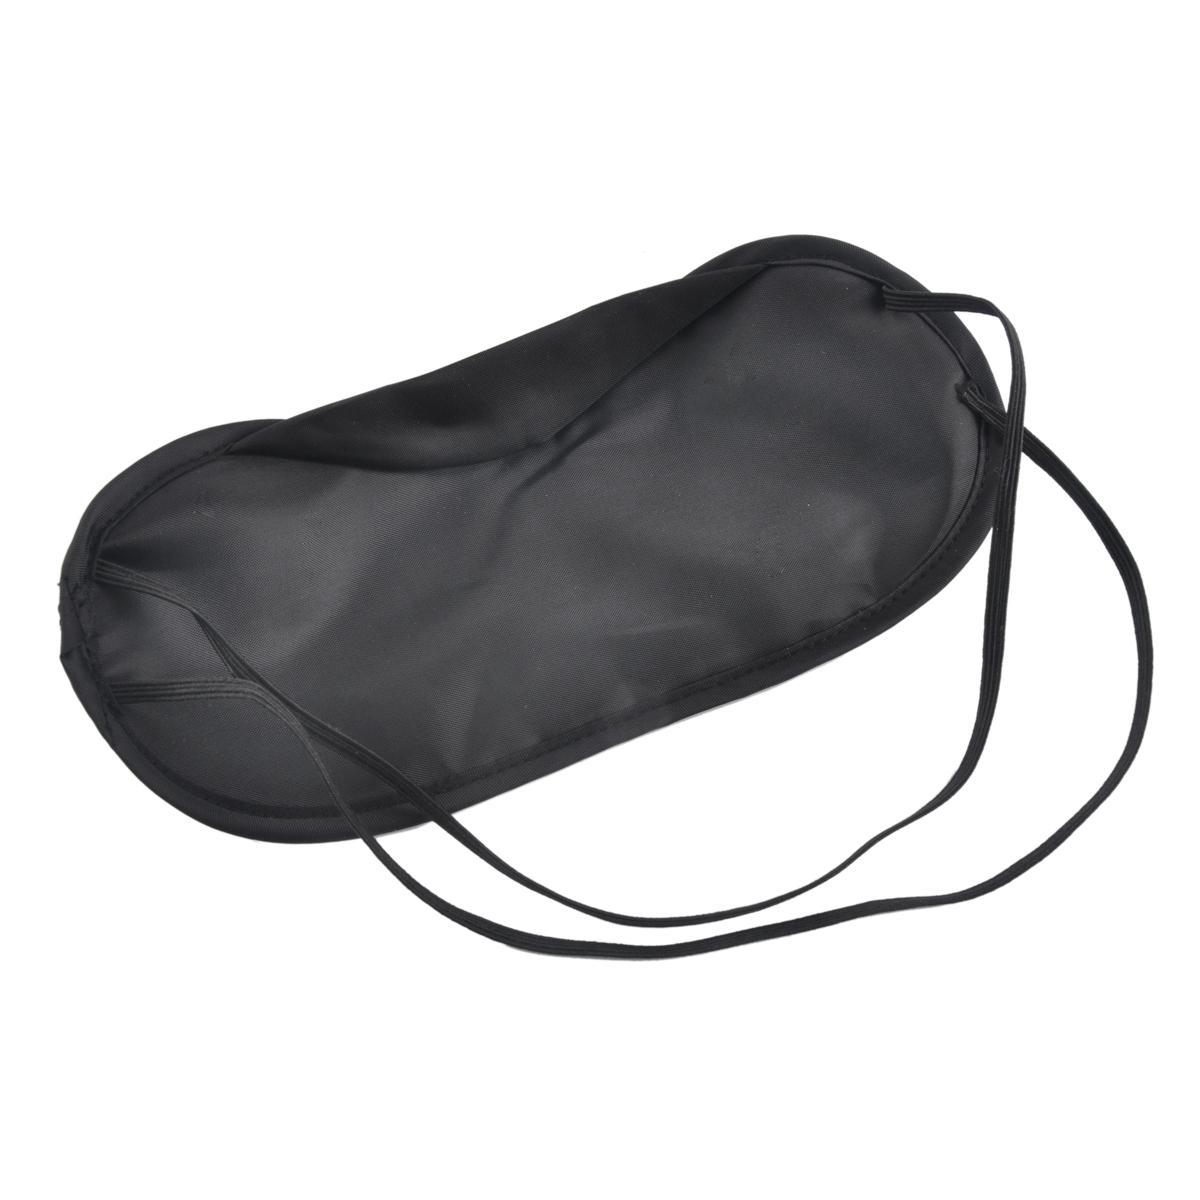 Schwarz Augenmaske Polyester Schwamm Shade Nickerchen Abdeckung Augenbinde Maske für Schlaf Reise Weiche Polyester Masken 4 Schicht frei DHL